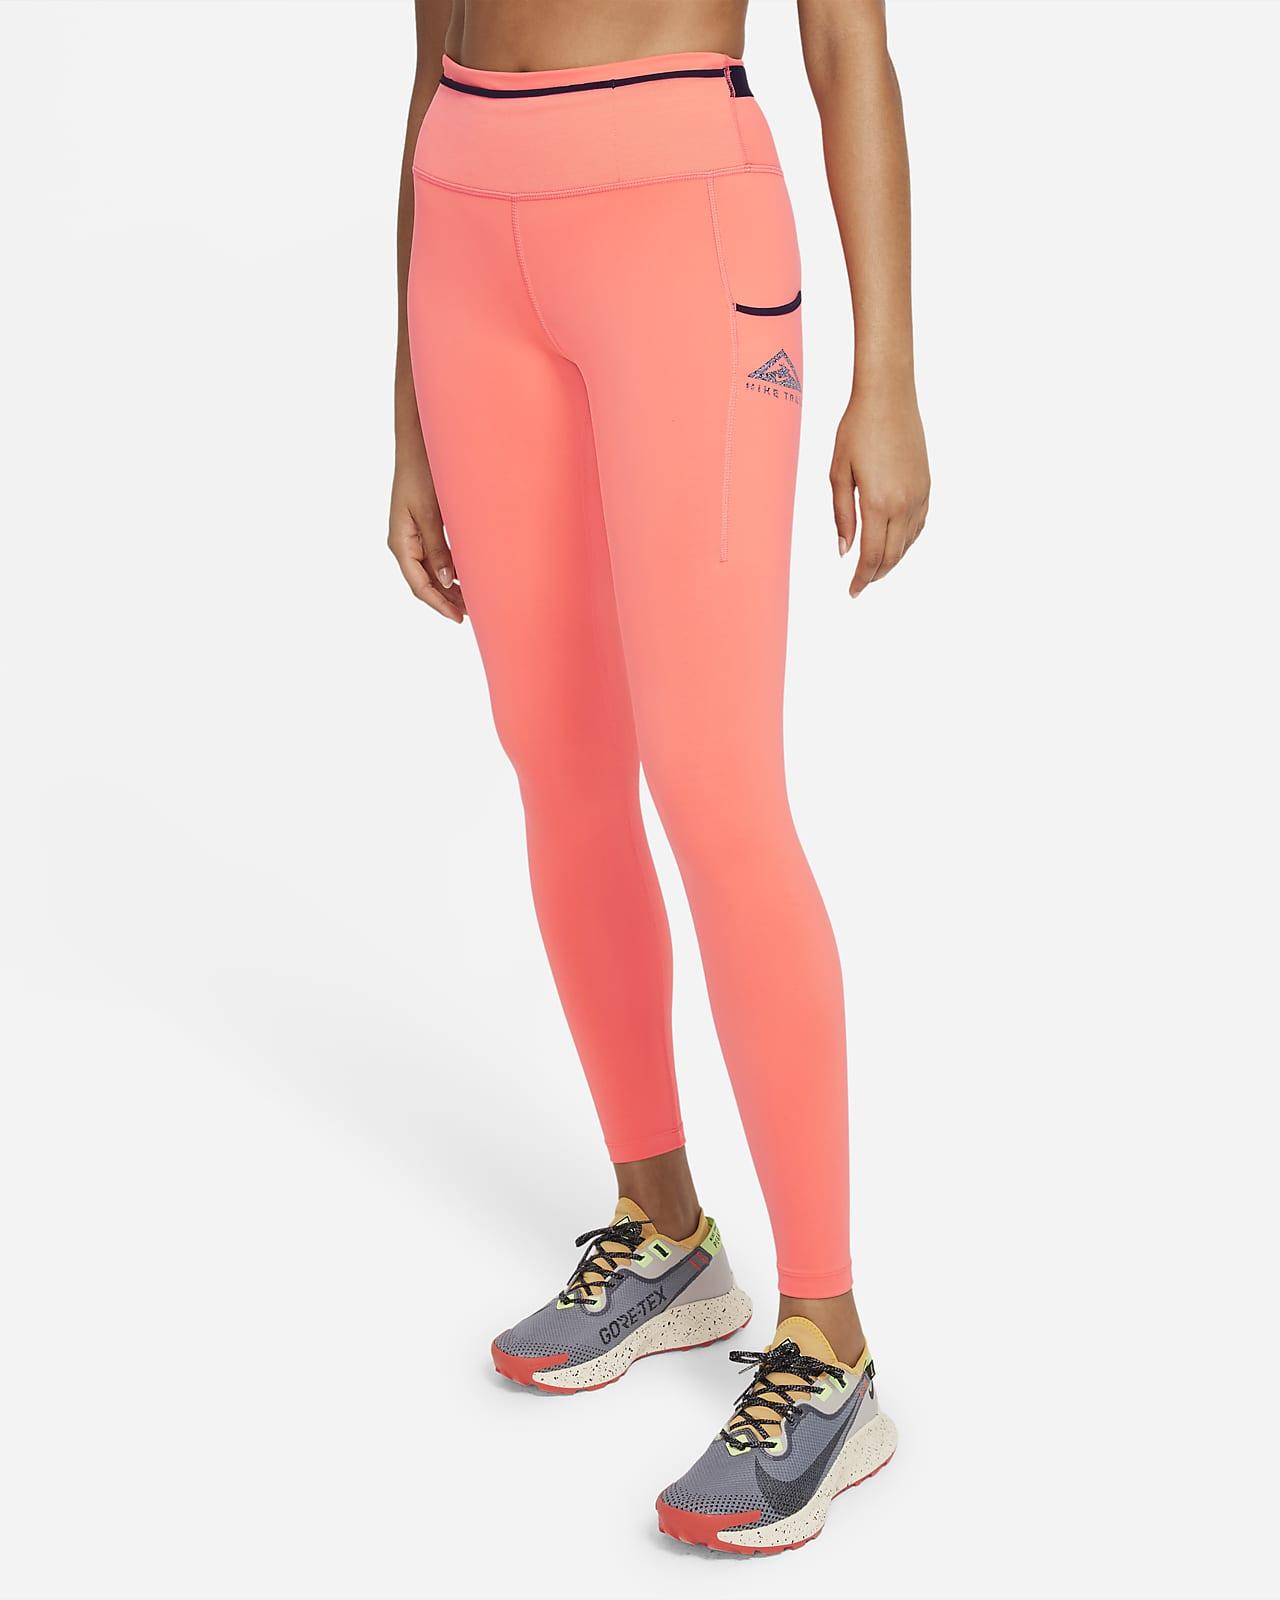 Legging de trail taille mi-haute Nike Epic Luxe pour Femme